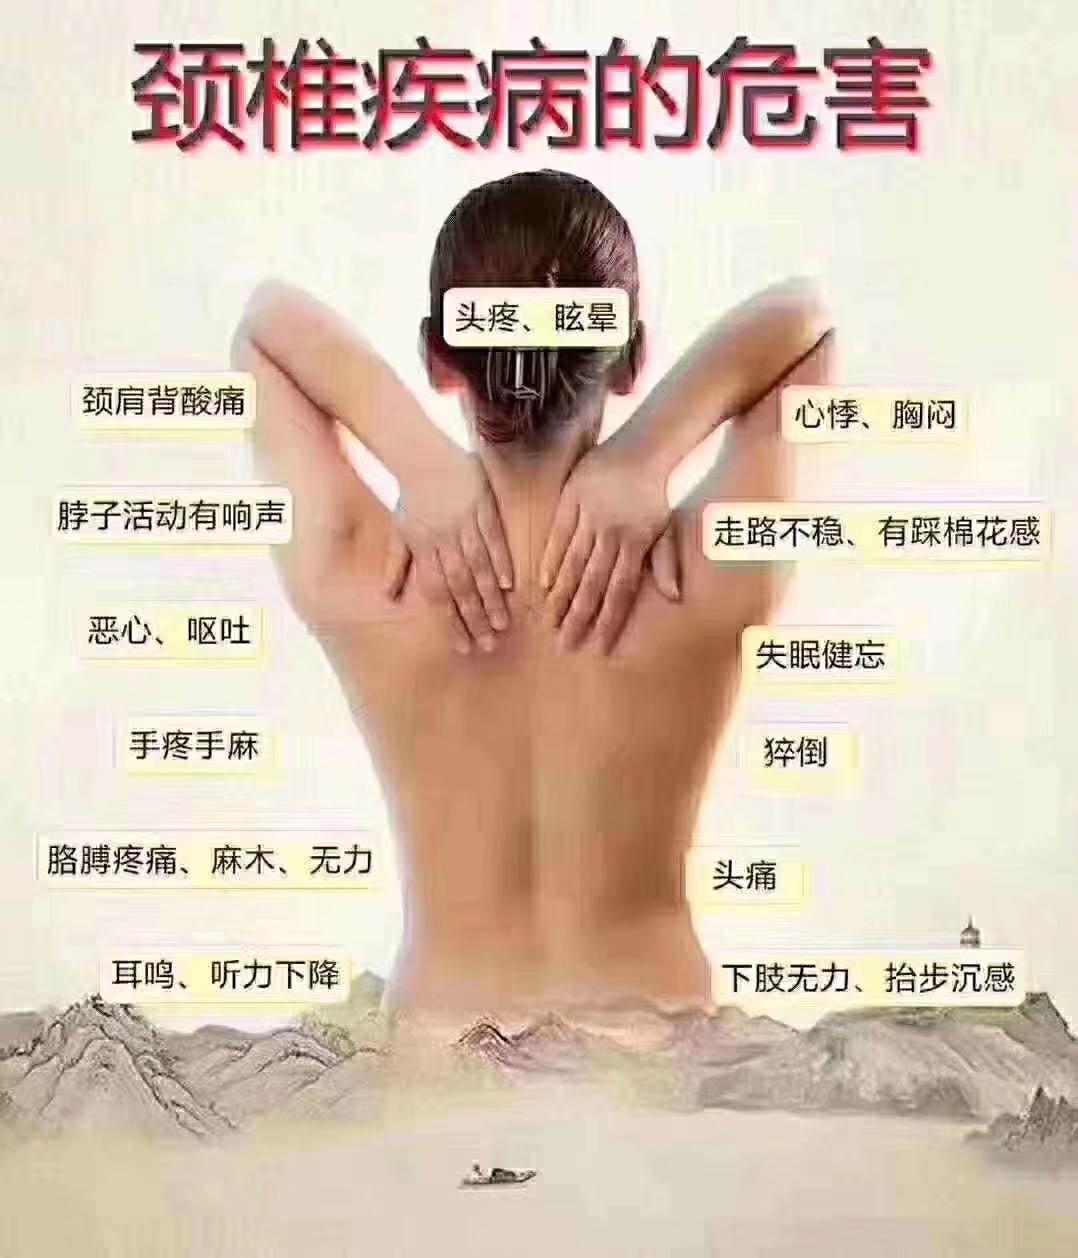 德化產后肩頸修復資訊|福建專業的德化產后肩頸修復哪里有